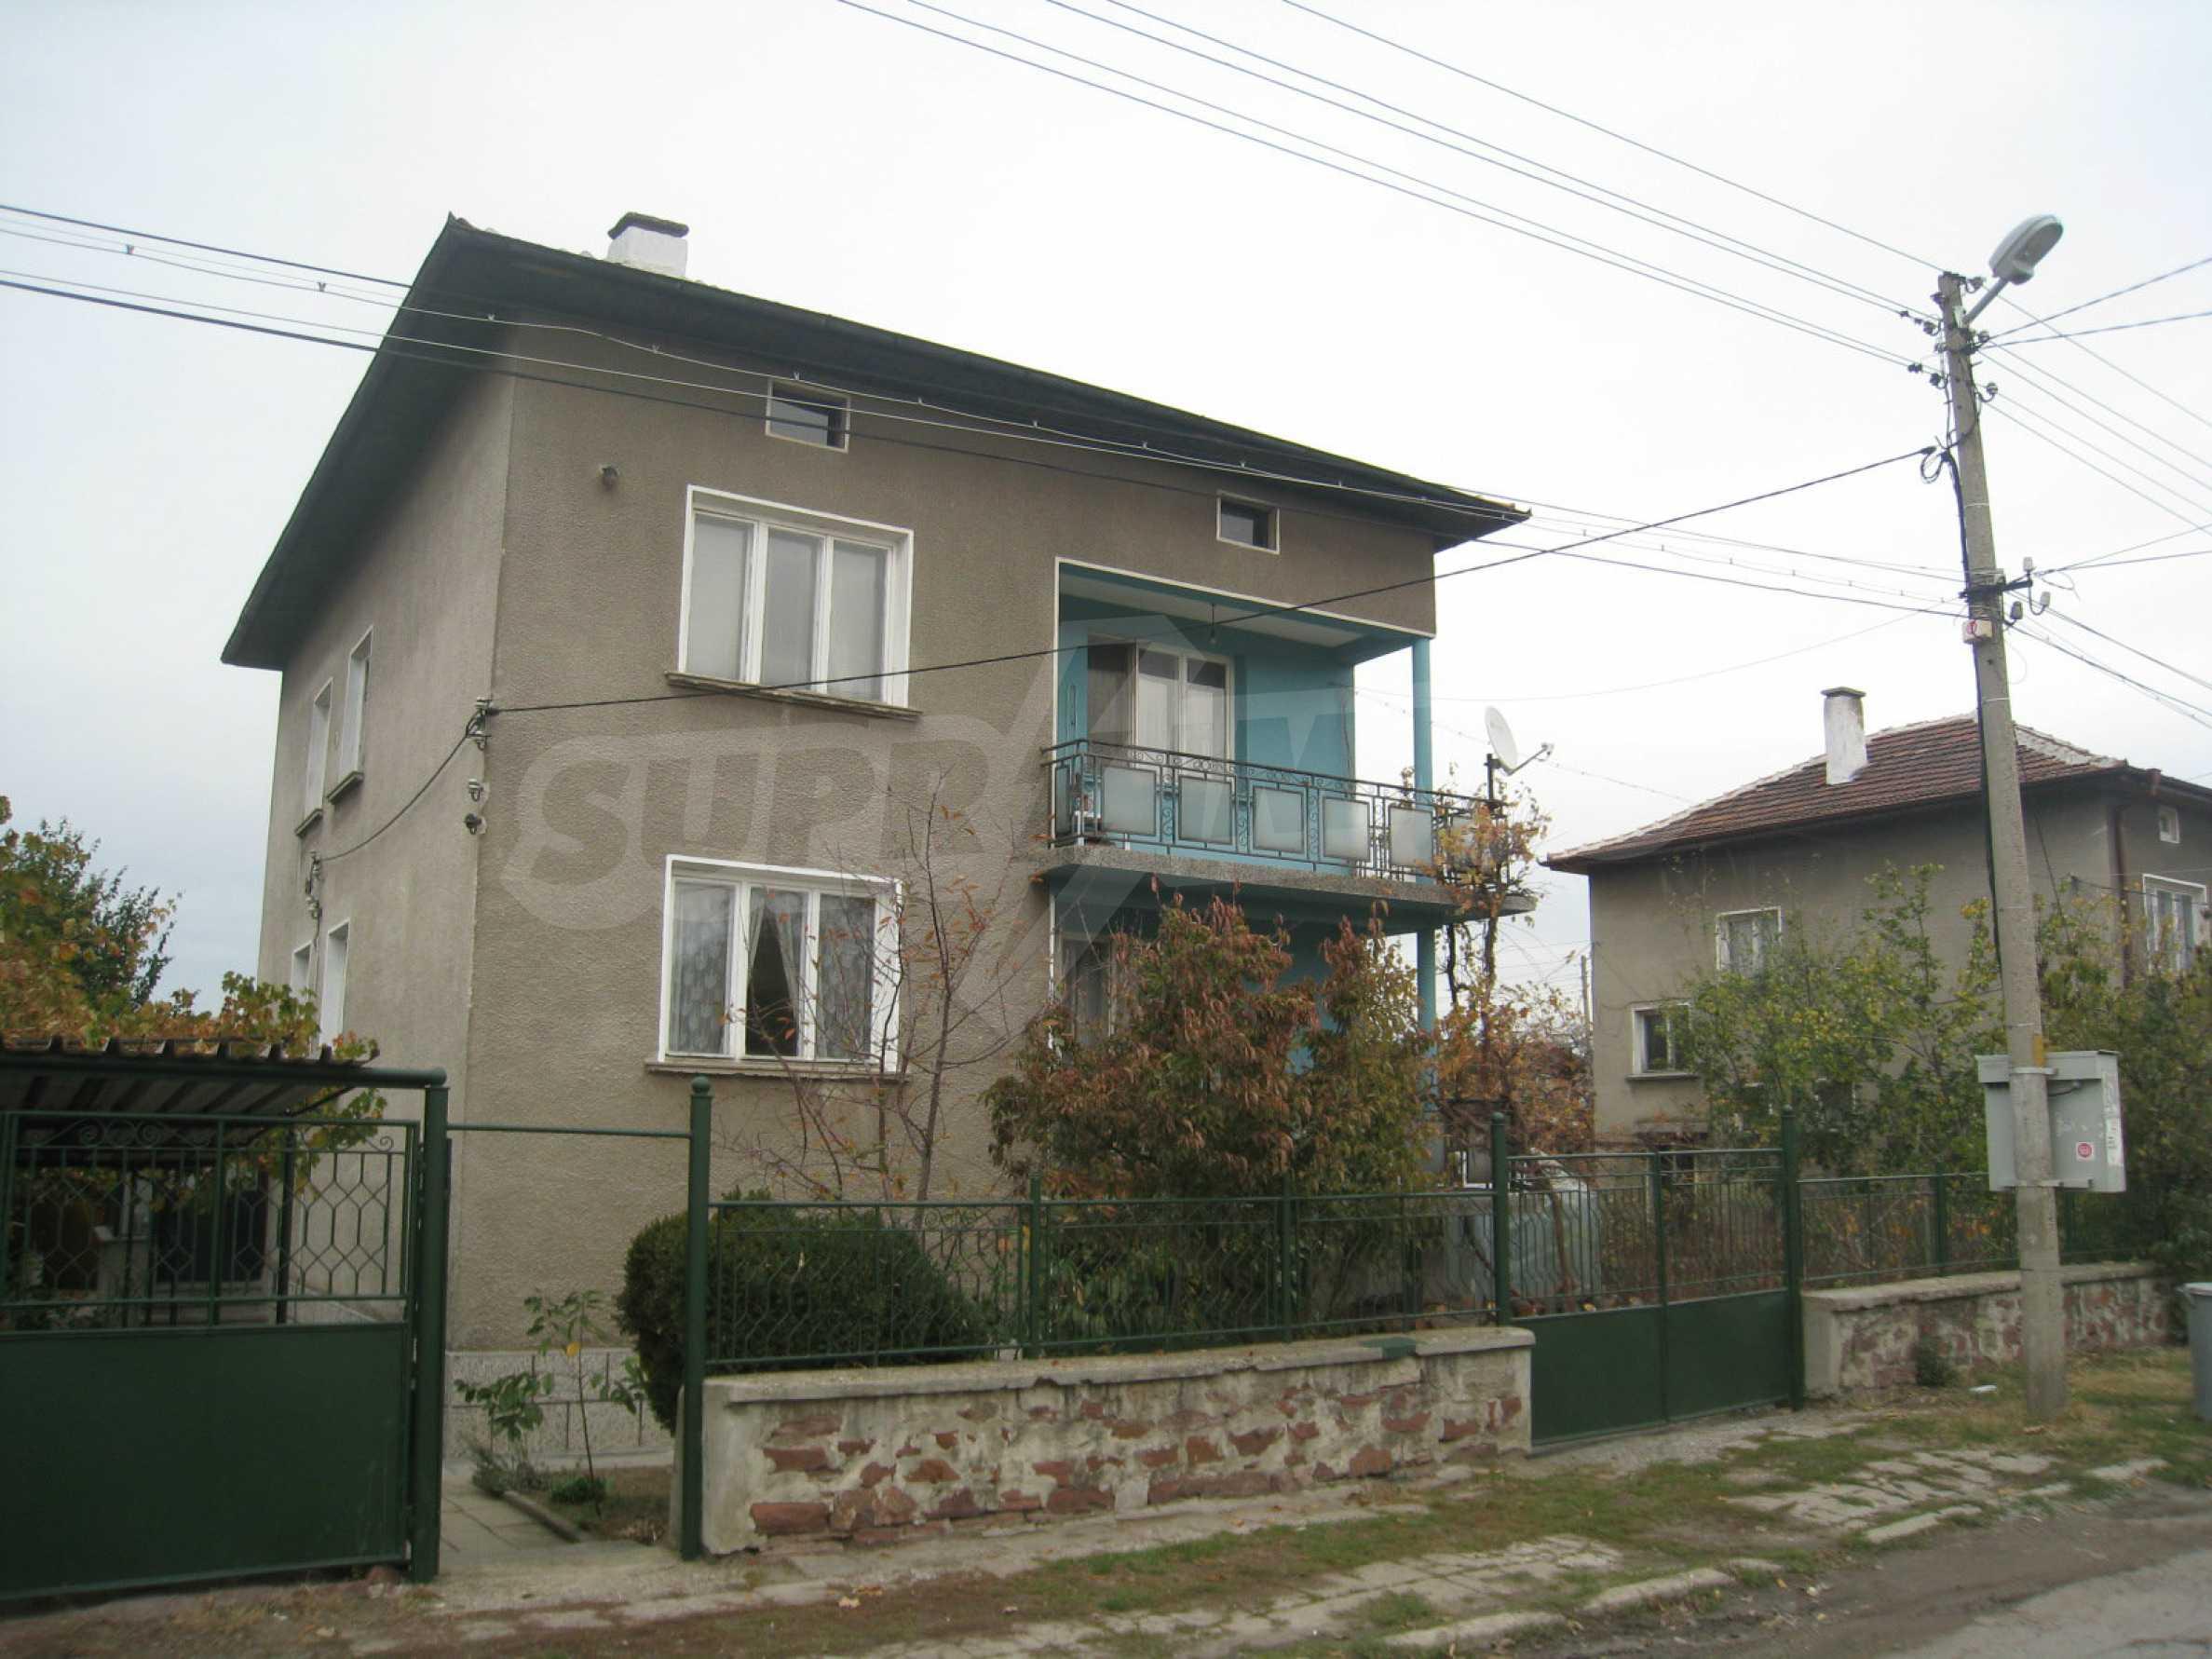 Großes zweistöckiges Haus mit Hof in einem Dorf in der Nähe von Sofia 66